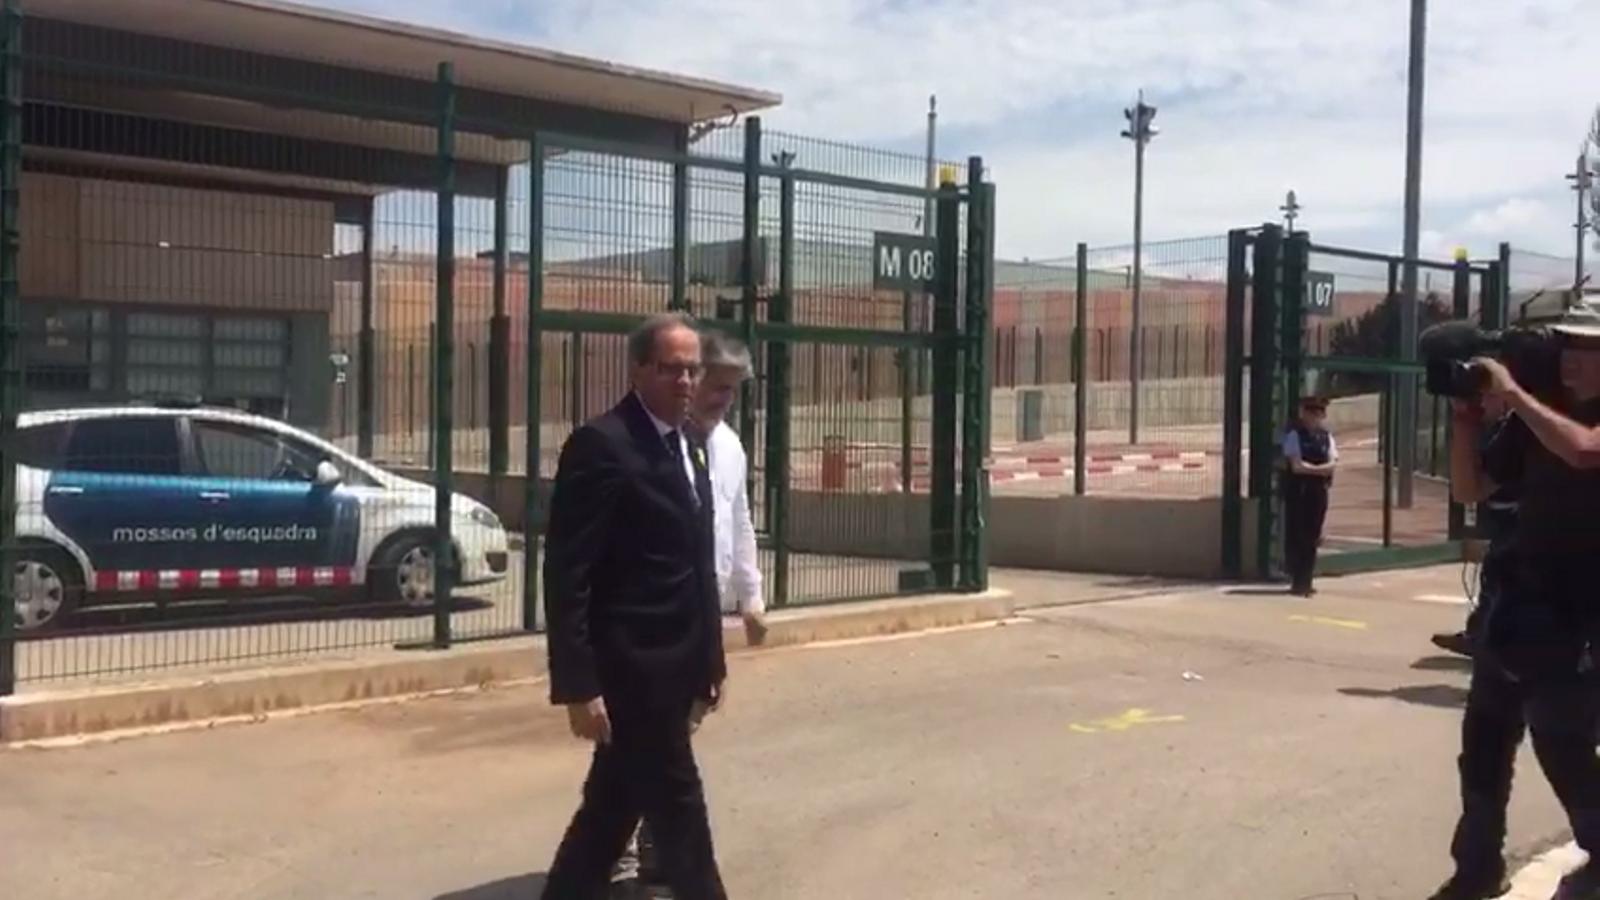 Quim Torra surt de la presó de Lledoners després de visitar els presos polítics